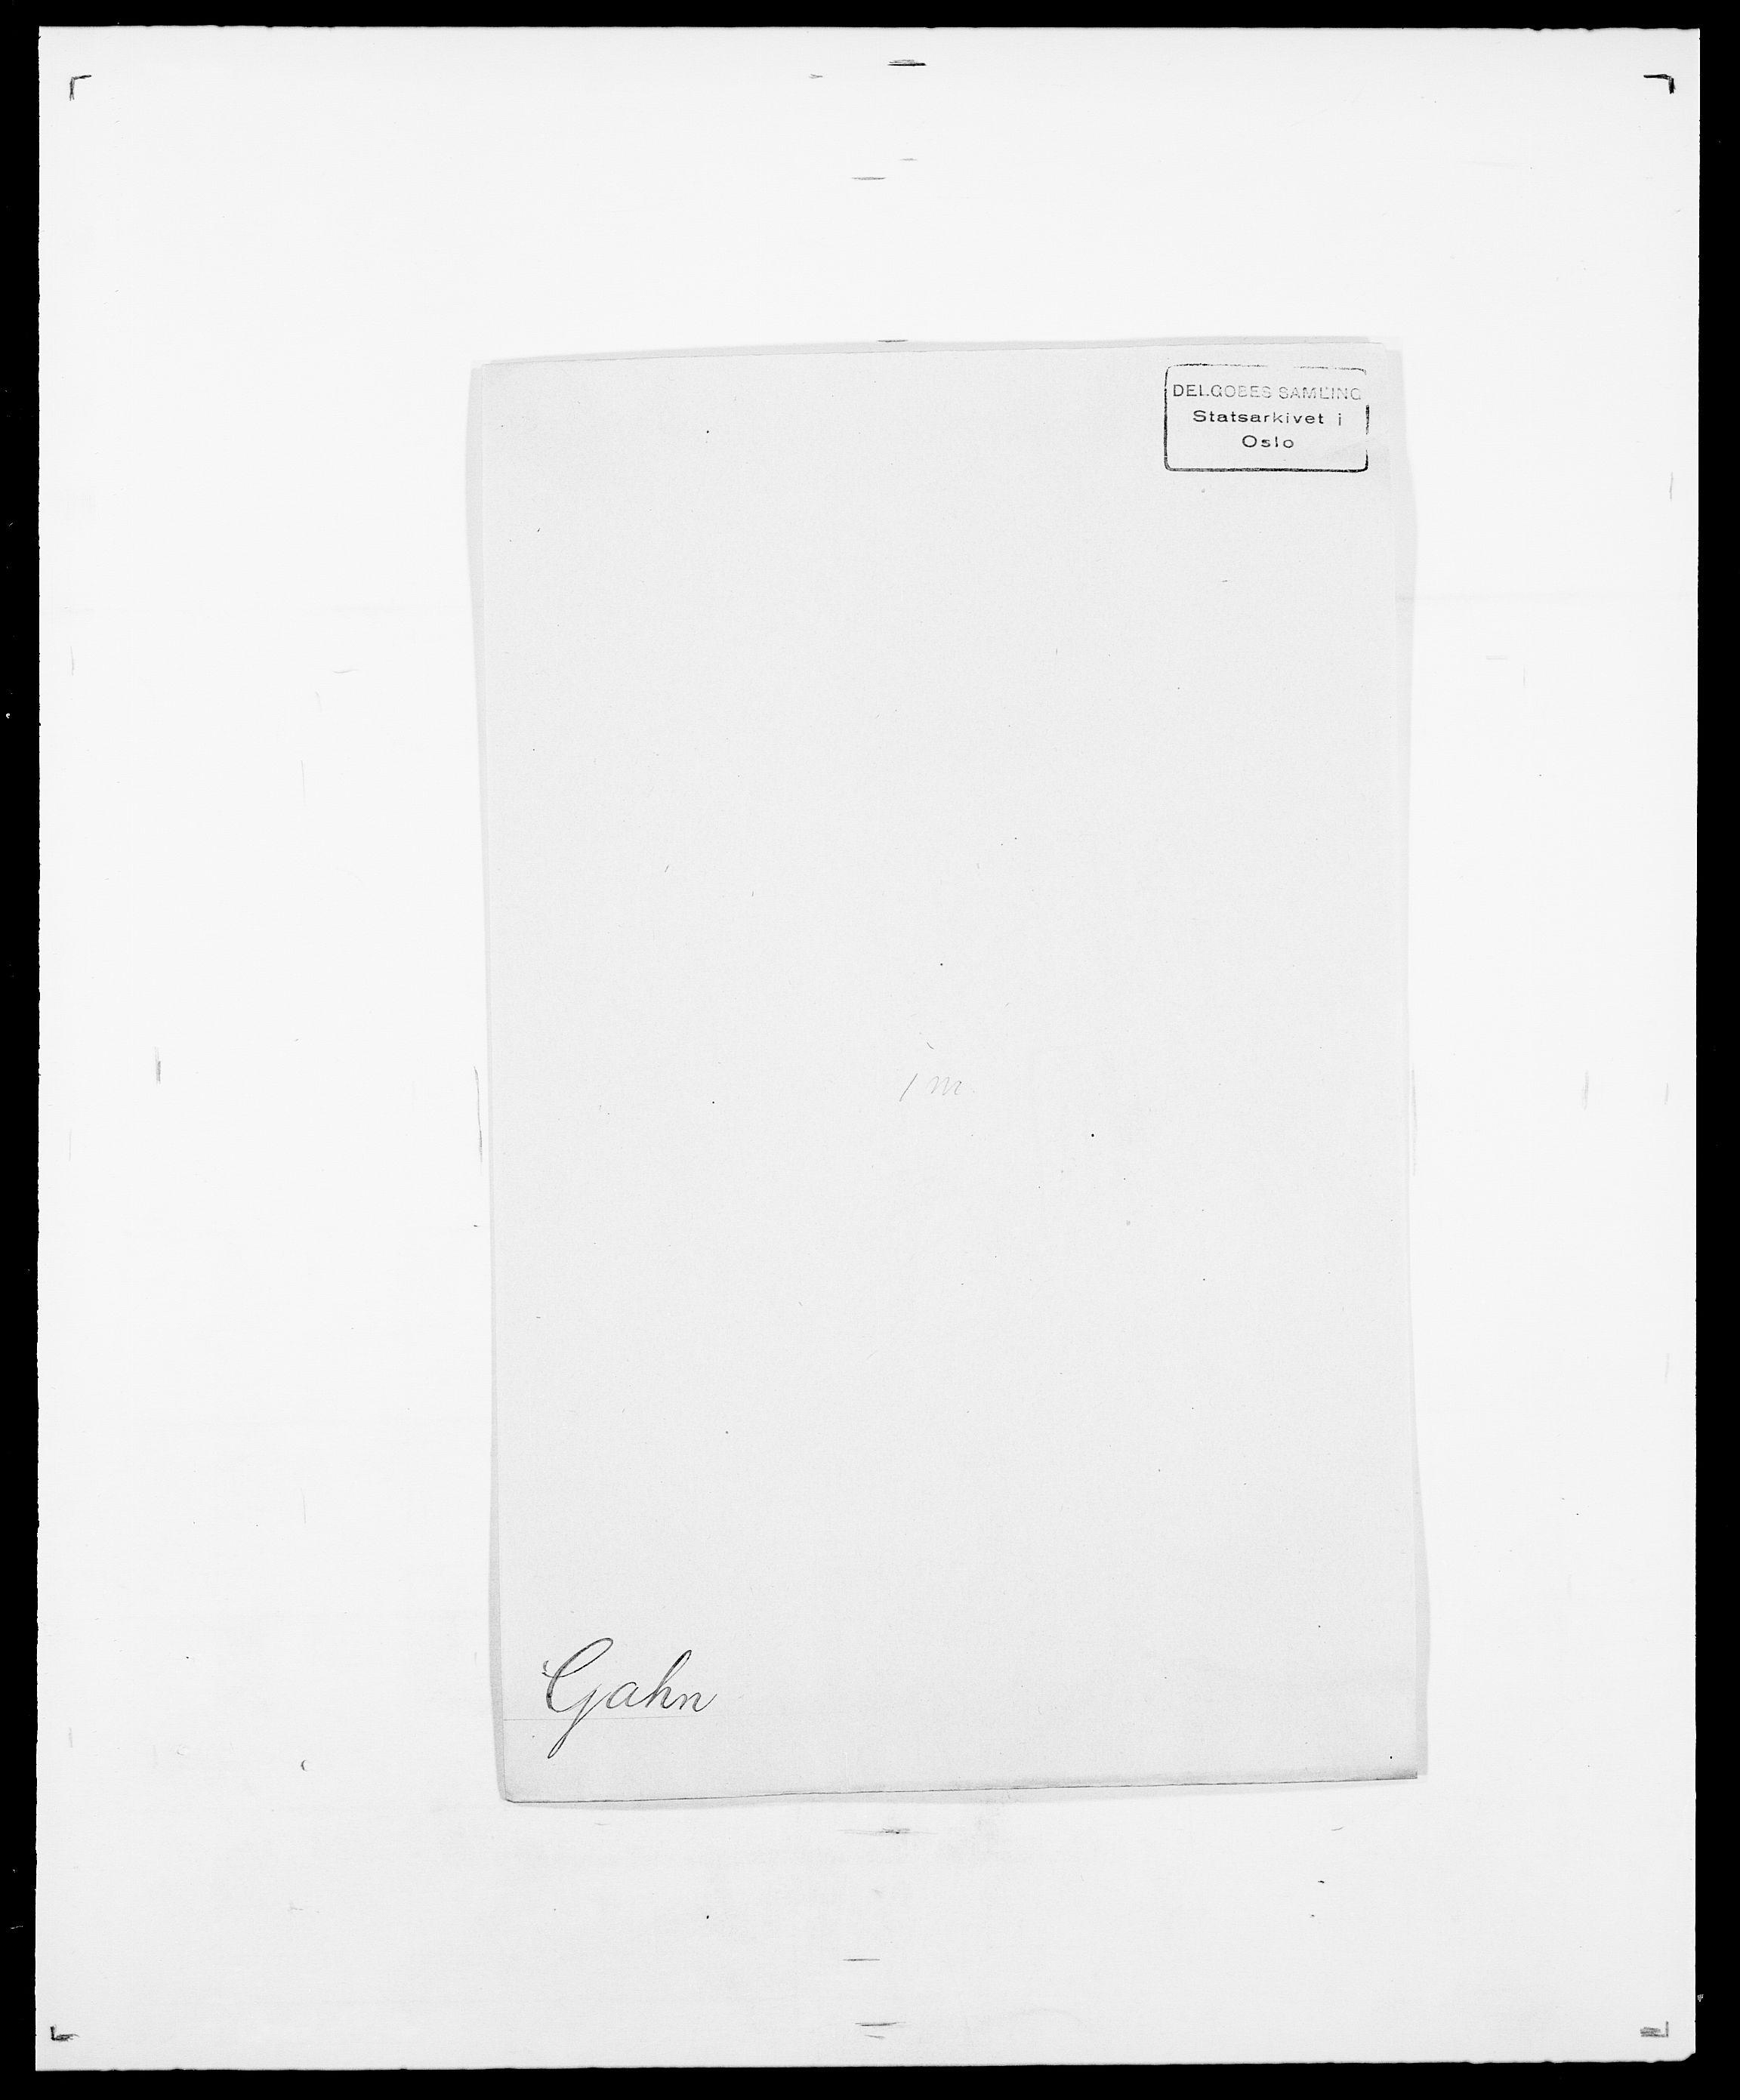 SAO, Delgobe, Charles Antoine - samling, D/Da/L0013: Forbos - Geving, s. 401